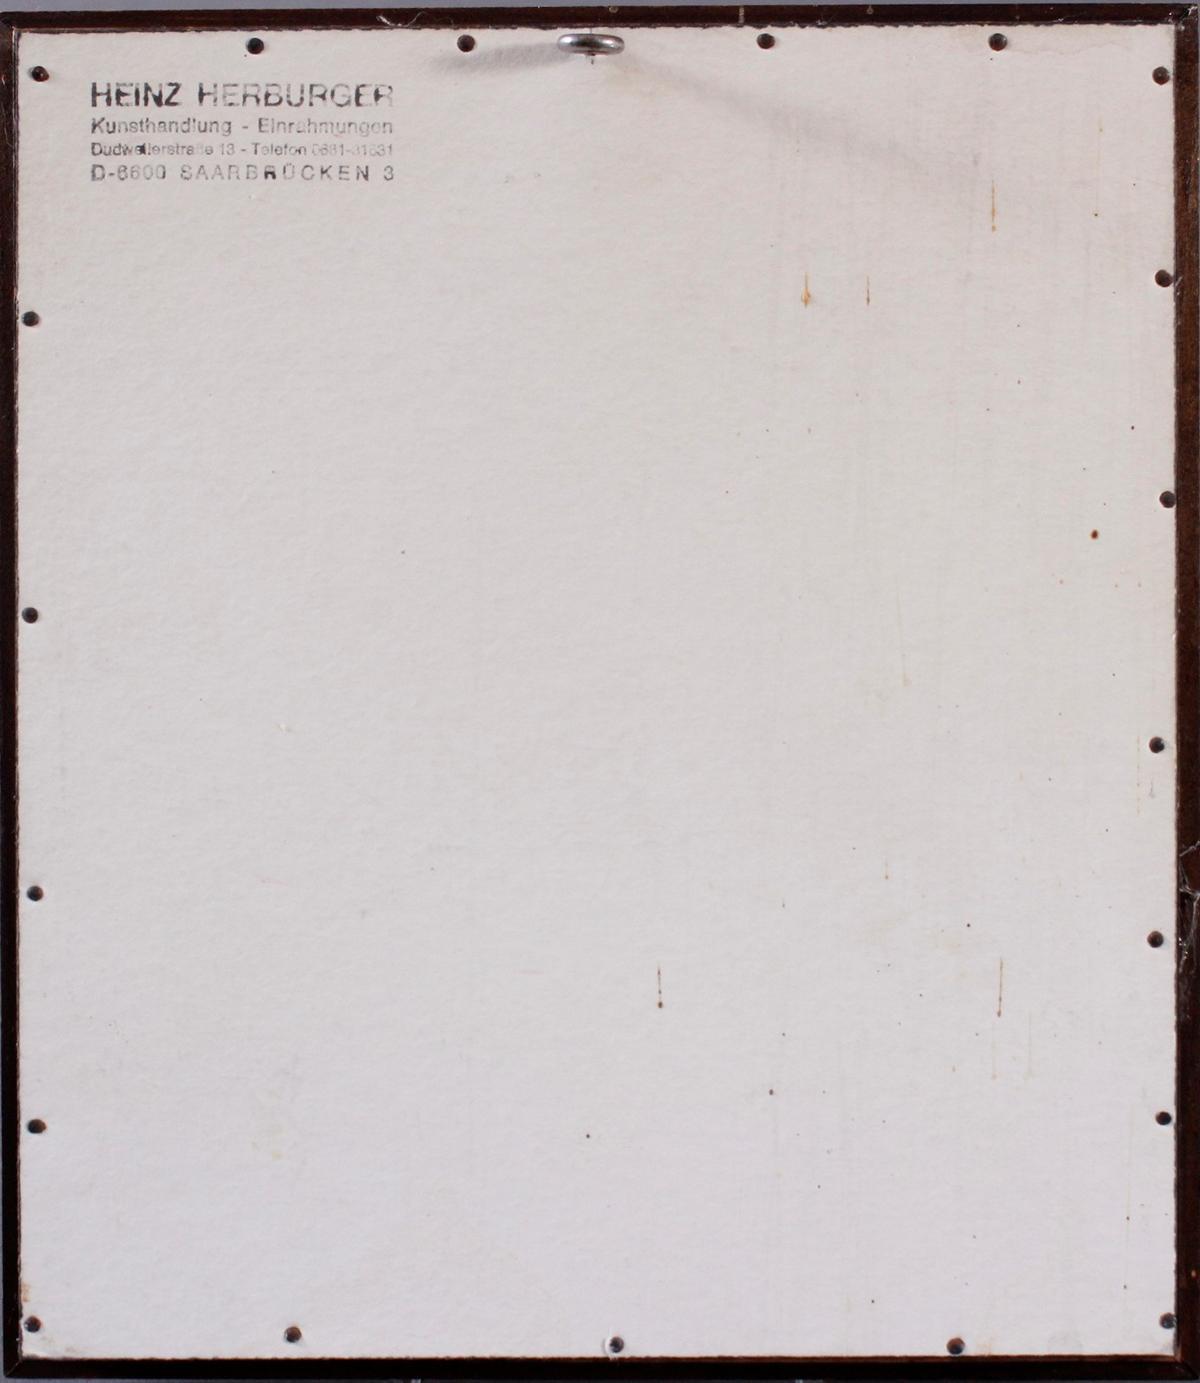 Will Farber-Zietz (1901-1987). Komposition in rot, gelb, grün, blau-4